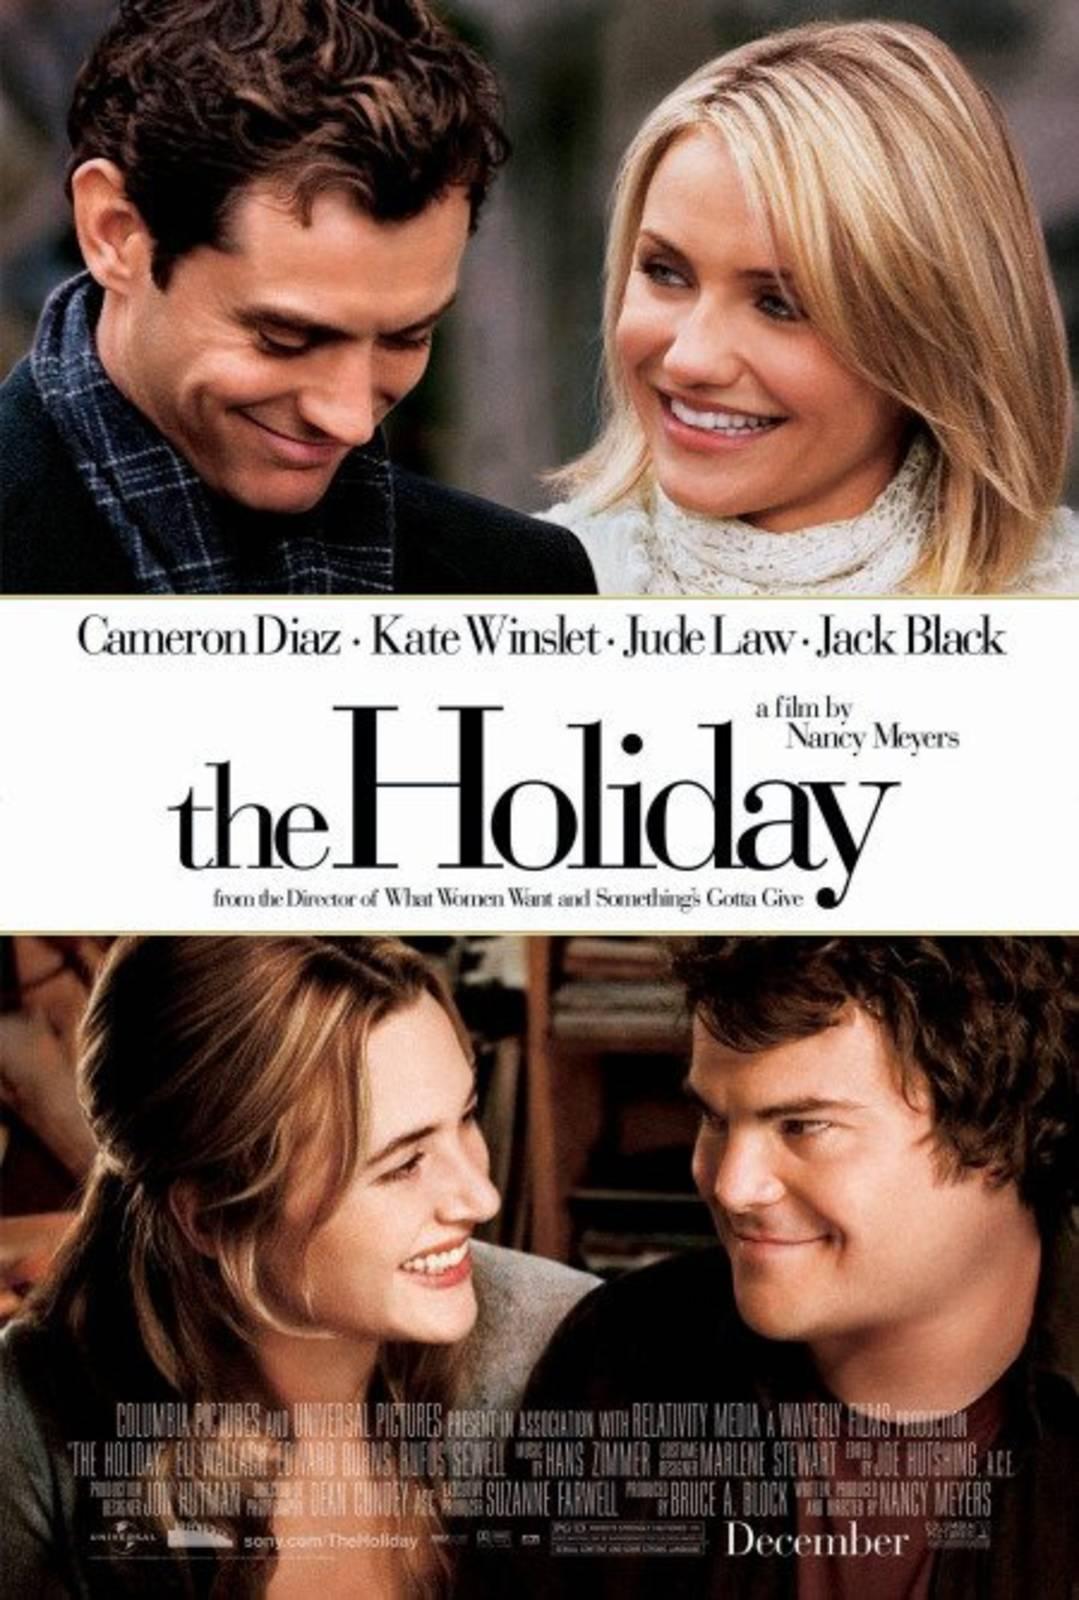 Film The Holiday - Liebe braucht keine Ferien - Cineman